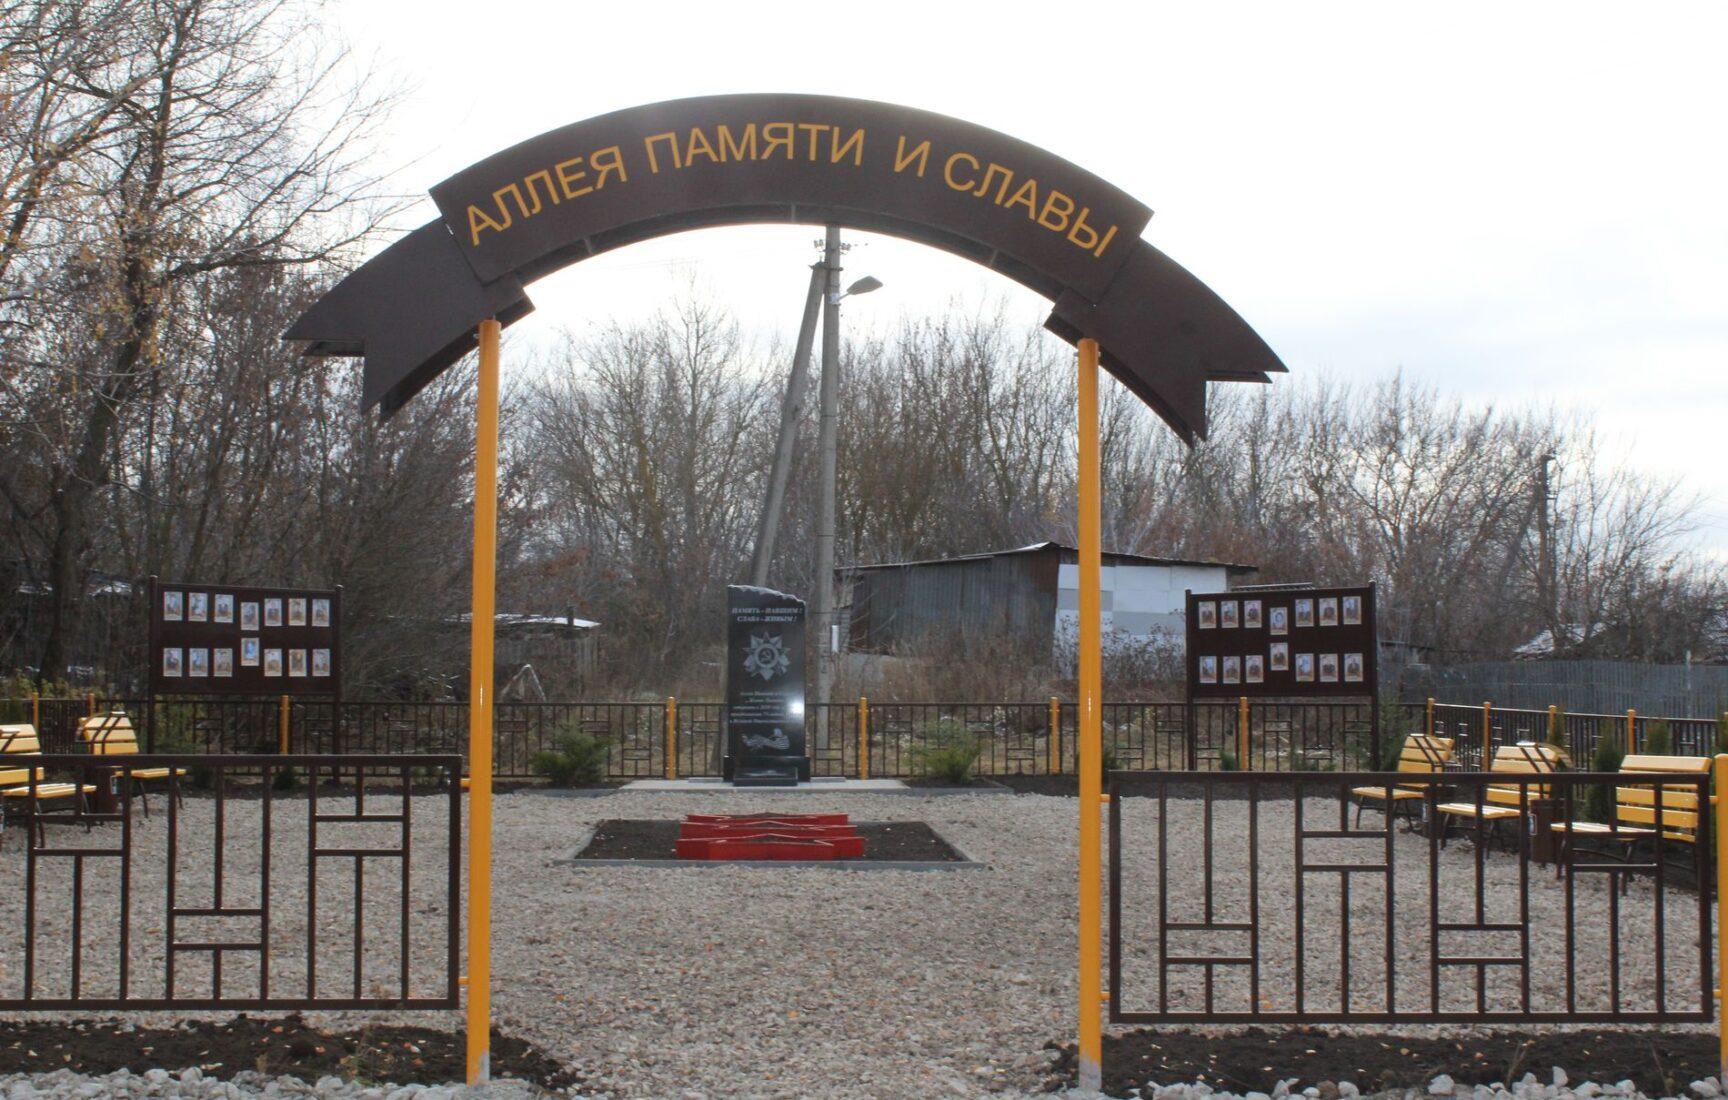 Поселок Красный Яр Киреевского района украсила Аллея Памяти и Славы